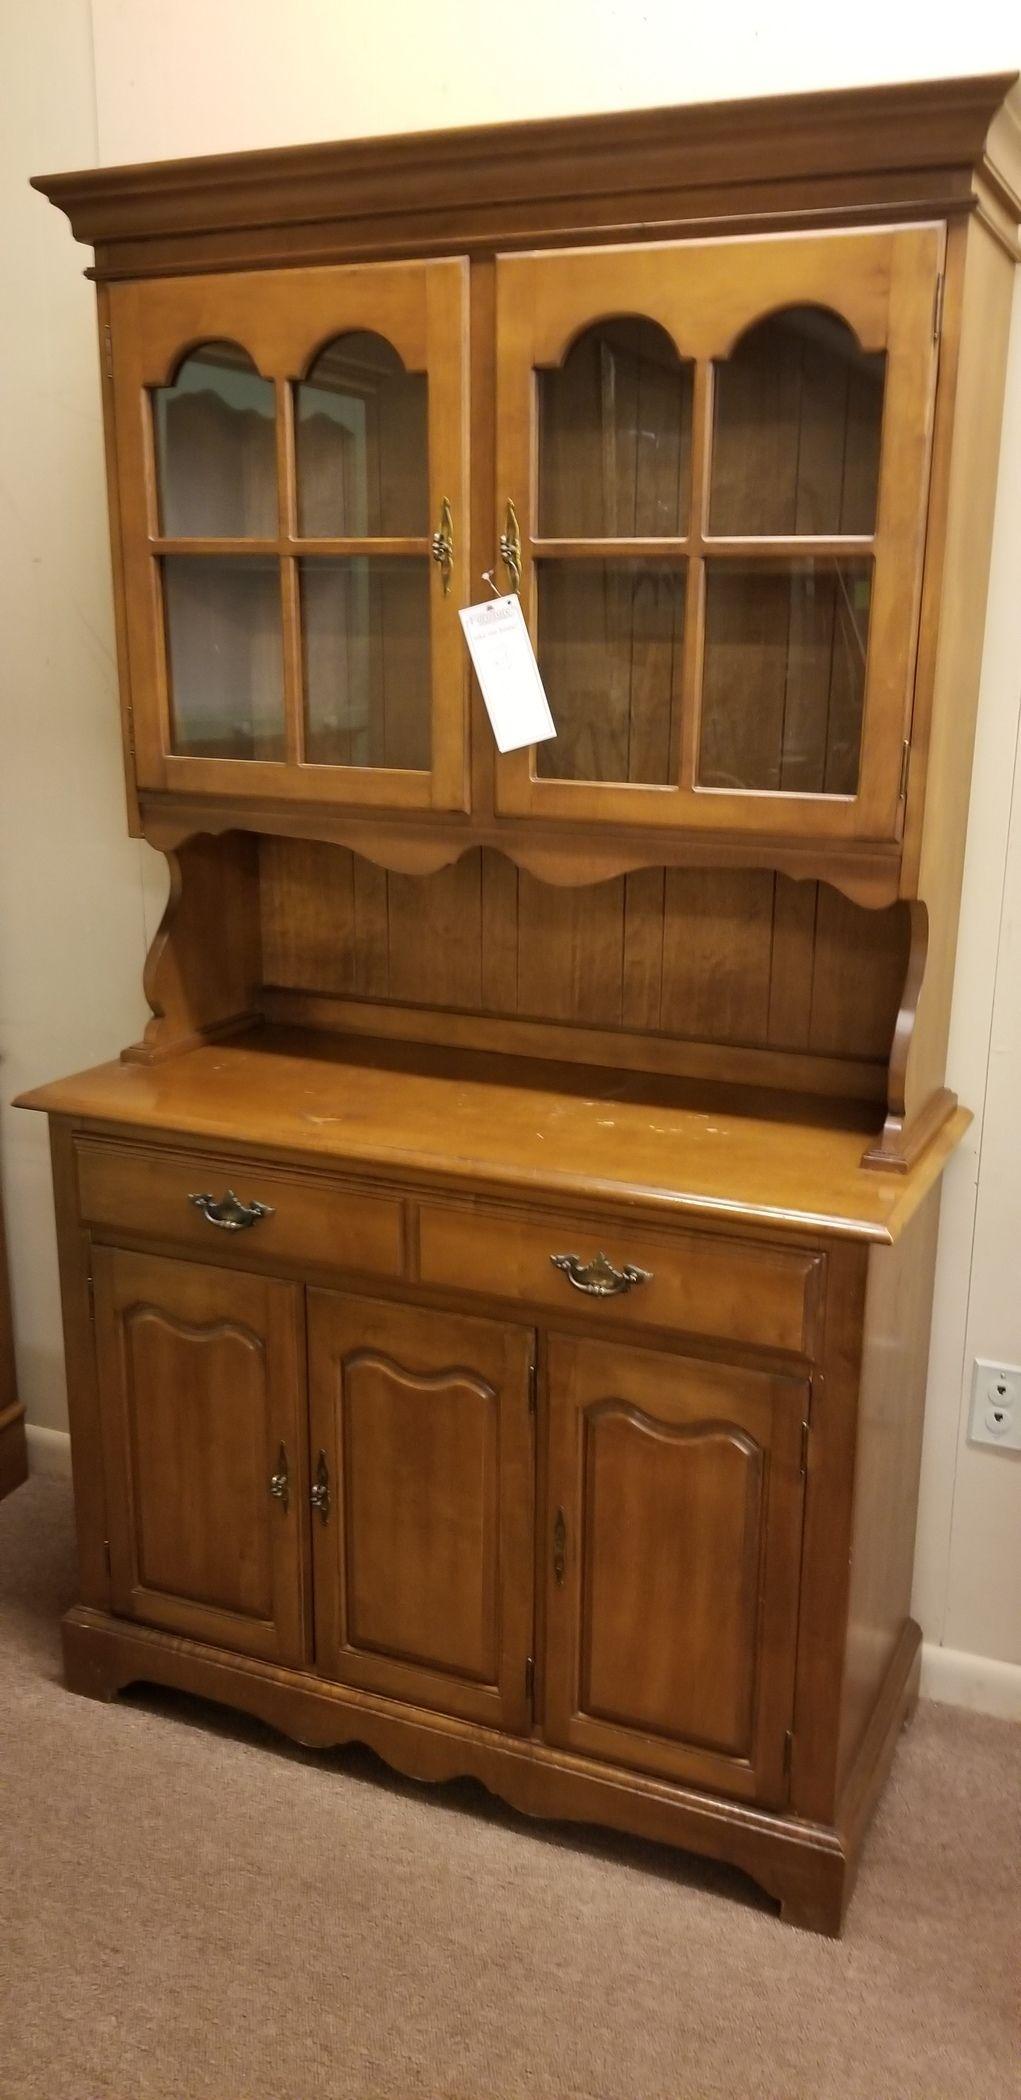 Antique China Hutch >> COCHRANE OAK CHINA HUTCH | Delmarva Furniture Consignment